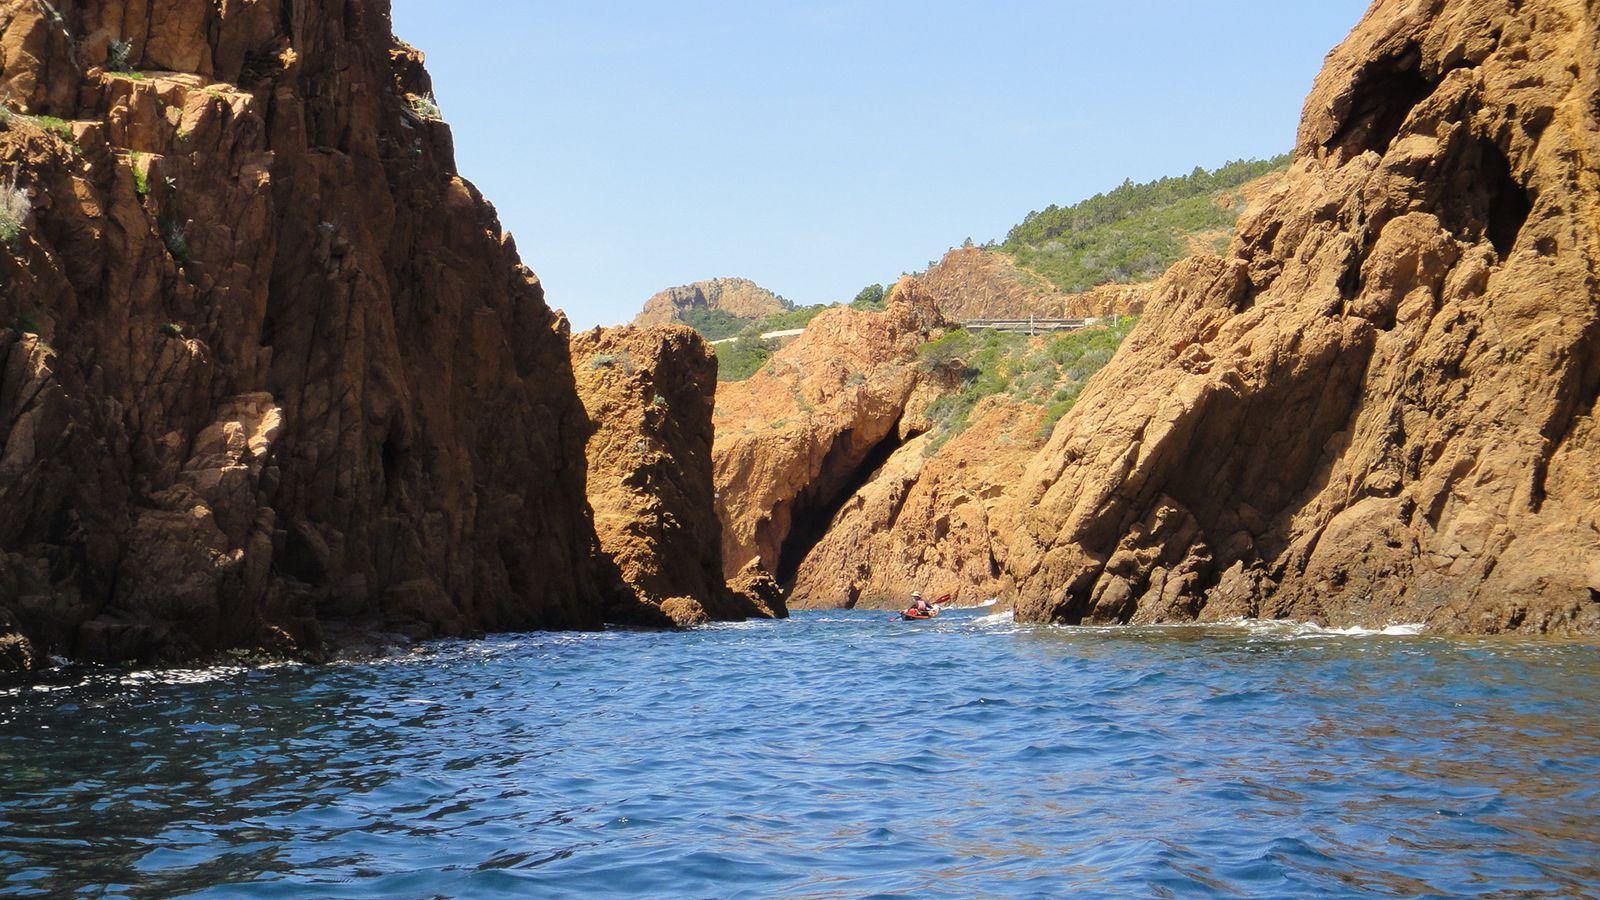 Rando kayak, la Corniche d'Or, de la Baie d'Agay à la Baie de Cannes